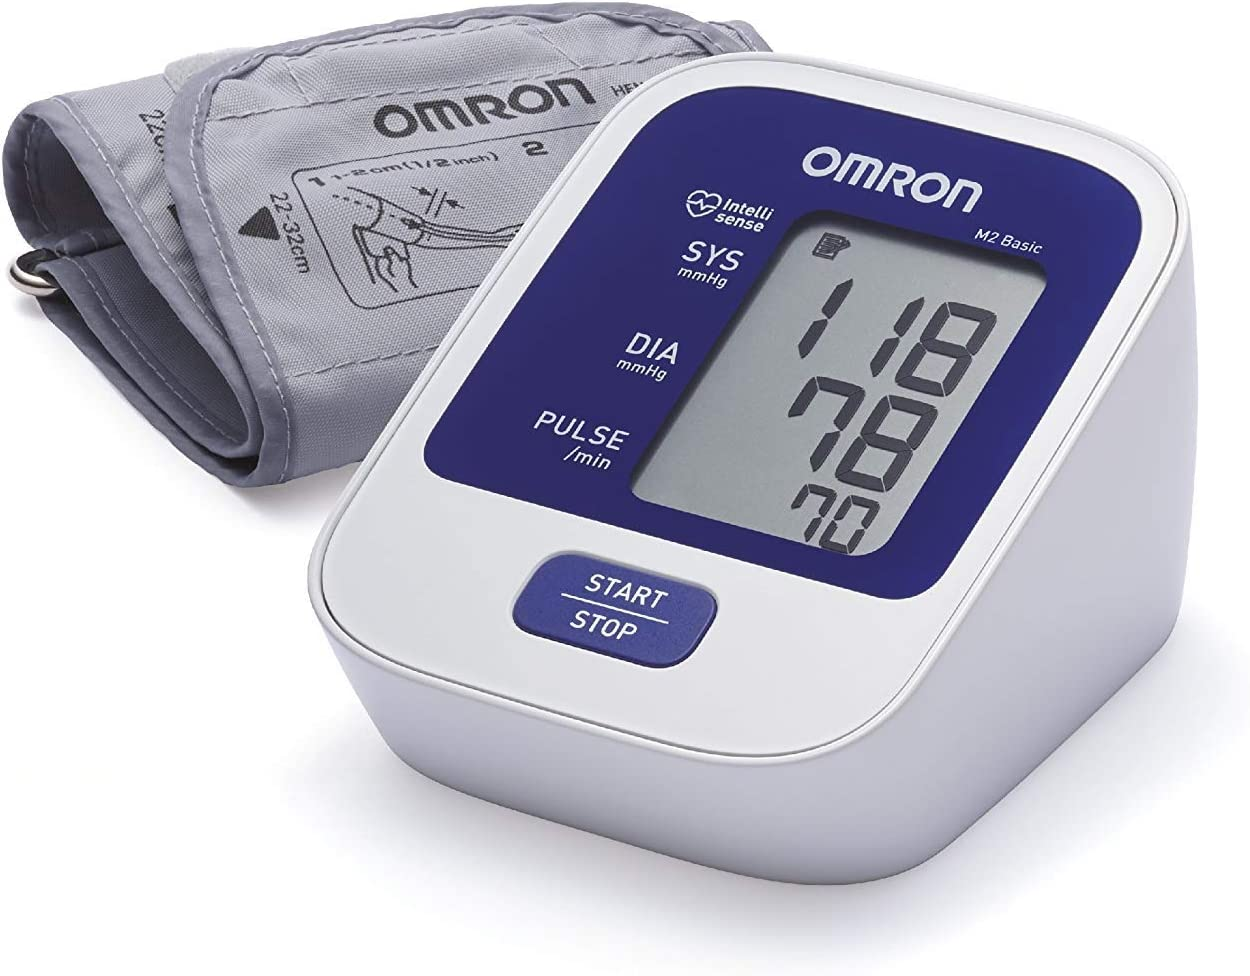 سعر جهاز قياس ضغط الدم اومرون ام2 بيسك فى الامارات بواسطة امازون الامارات كان بكام